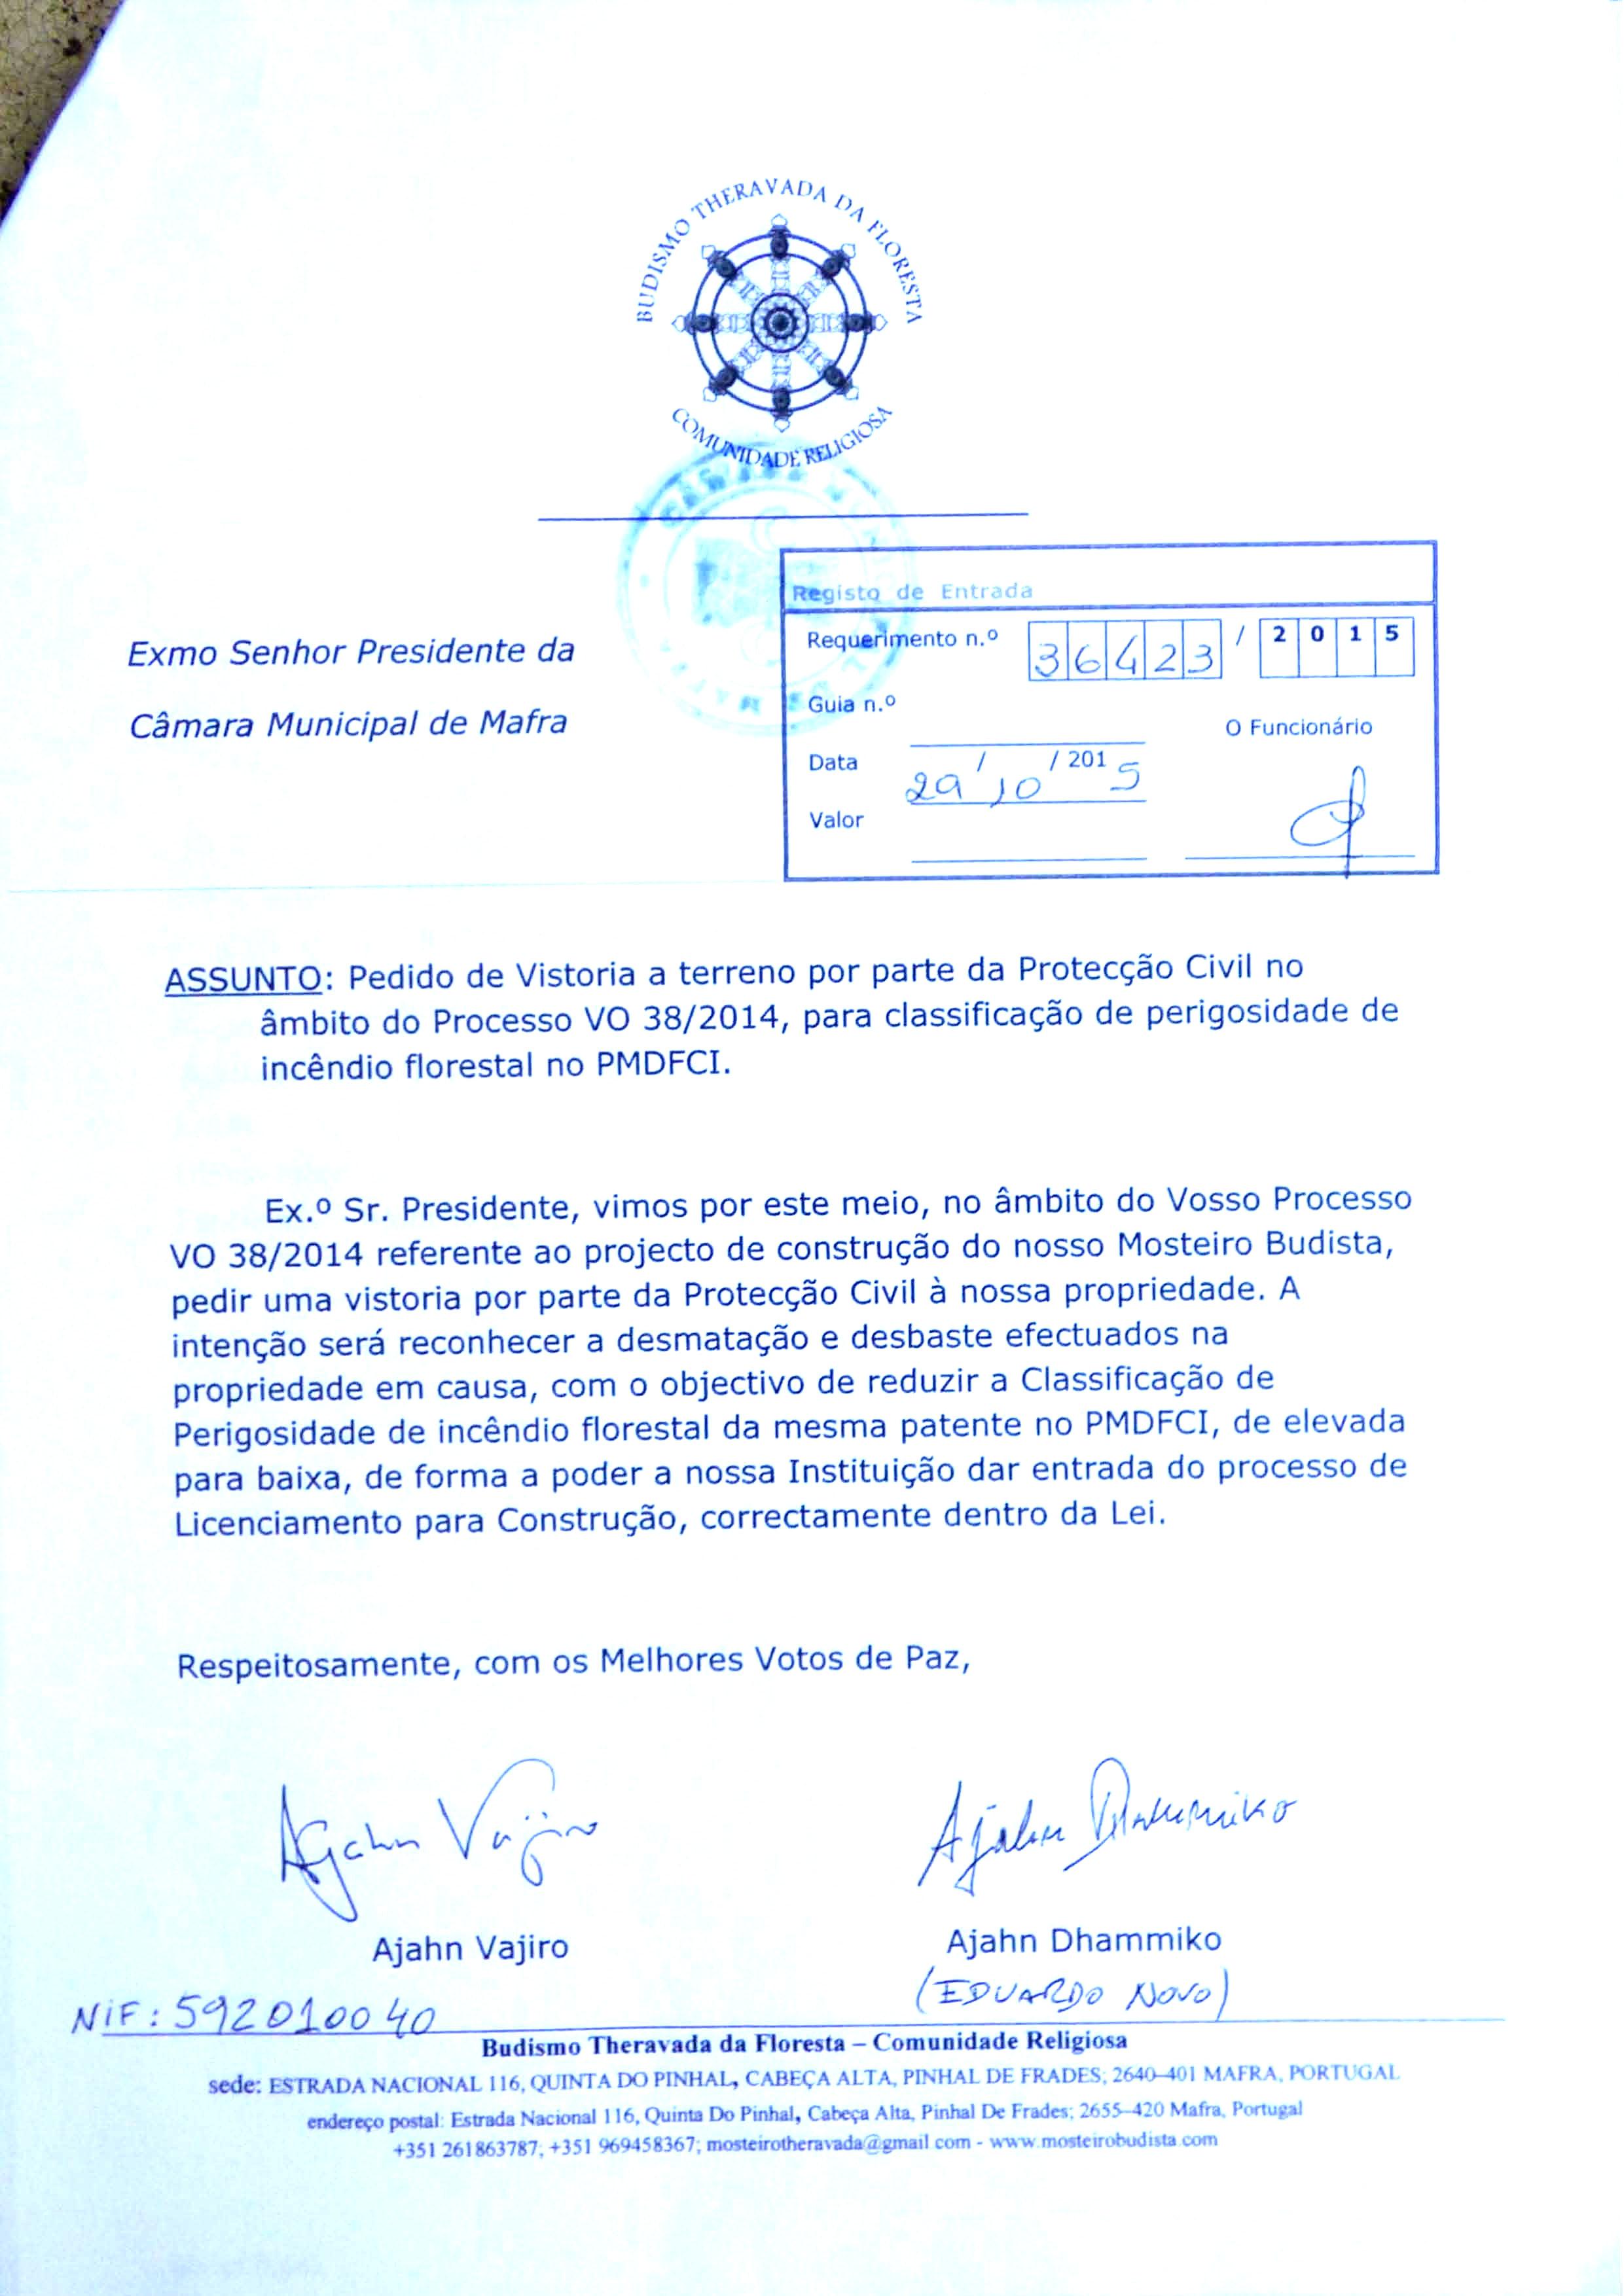 Civil Protection visit request